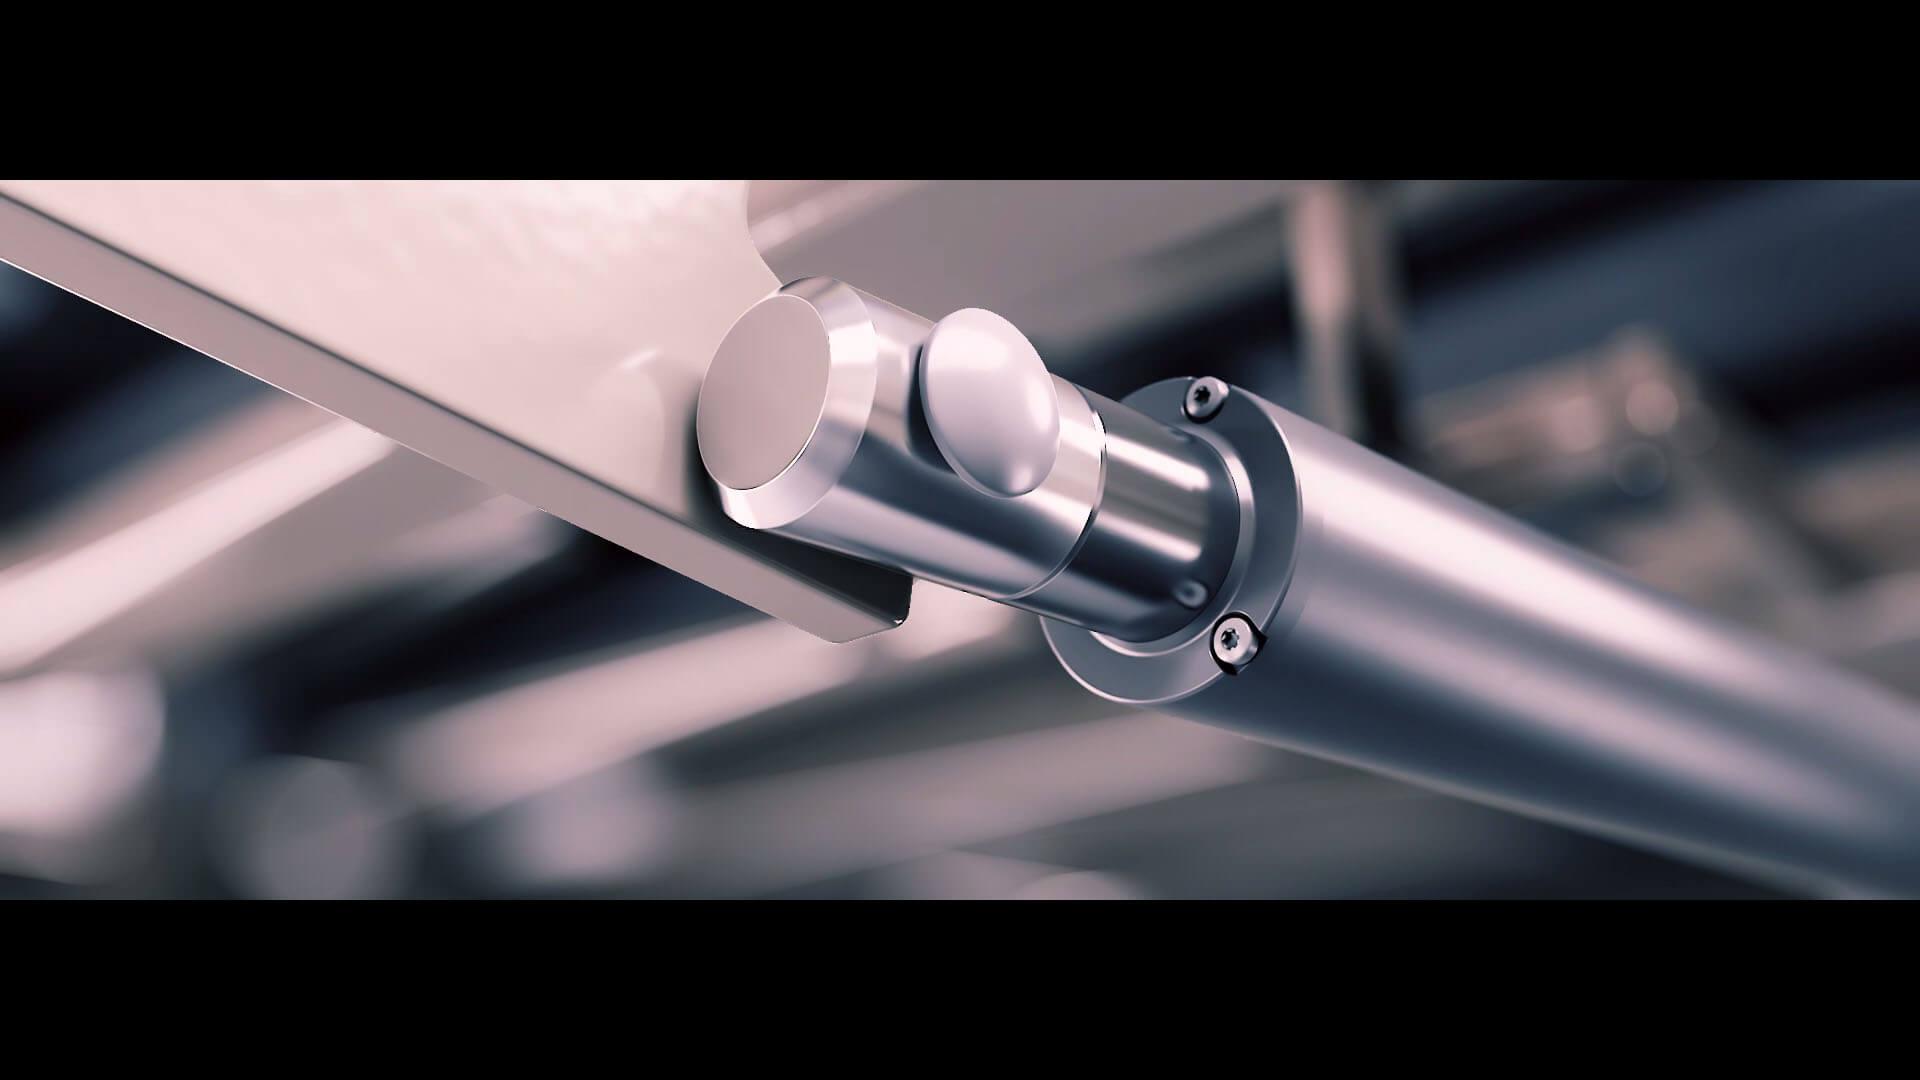 LINAK(力納克)- 電動推桿技術的誕生地